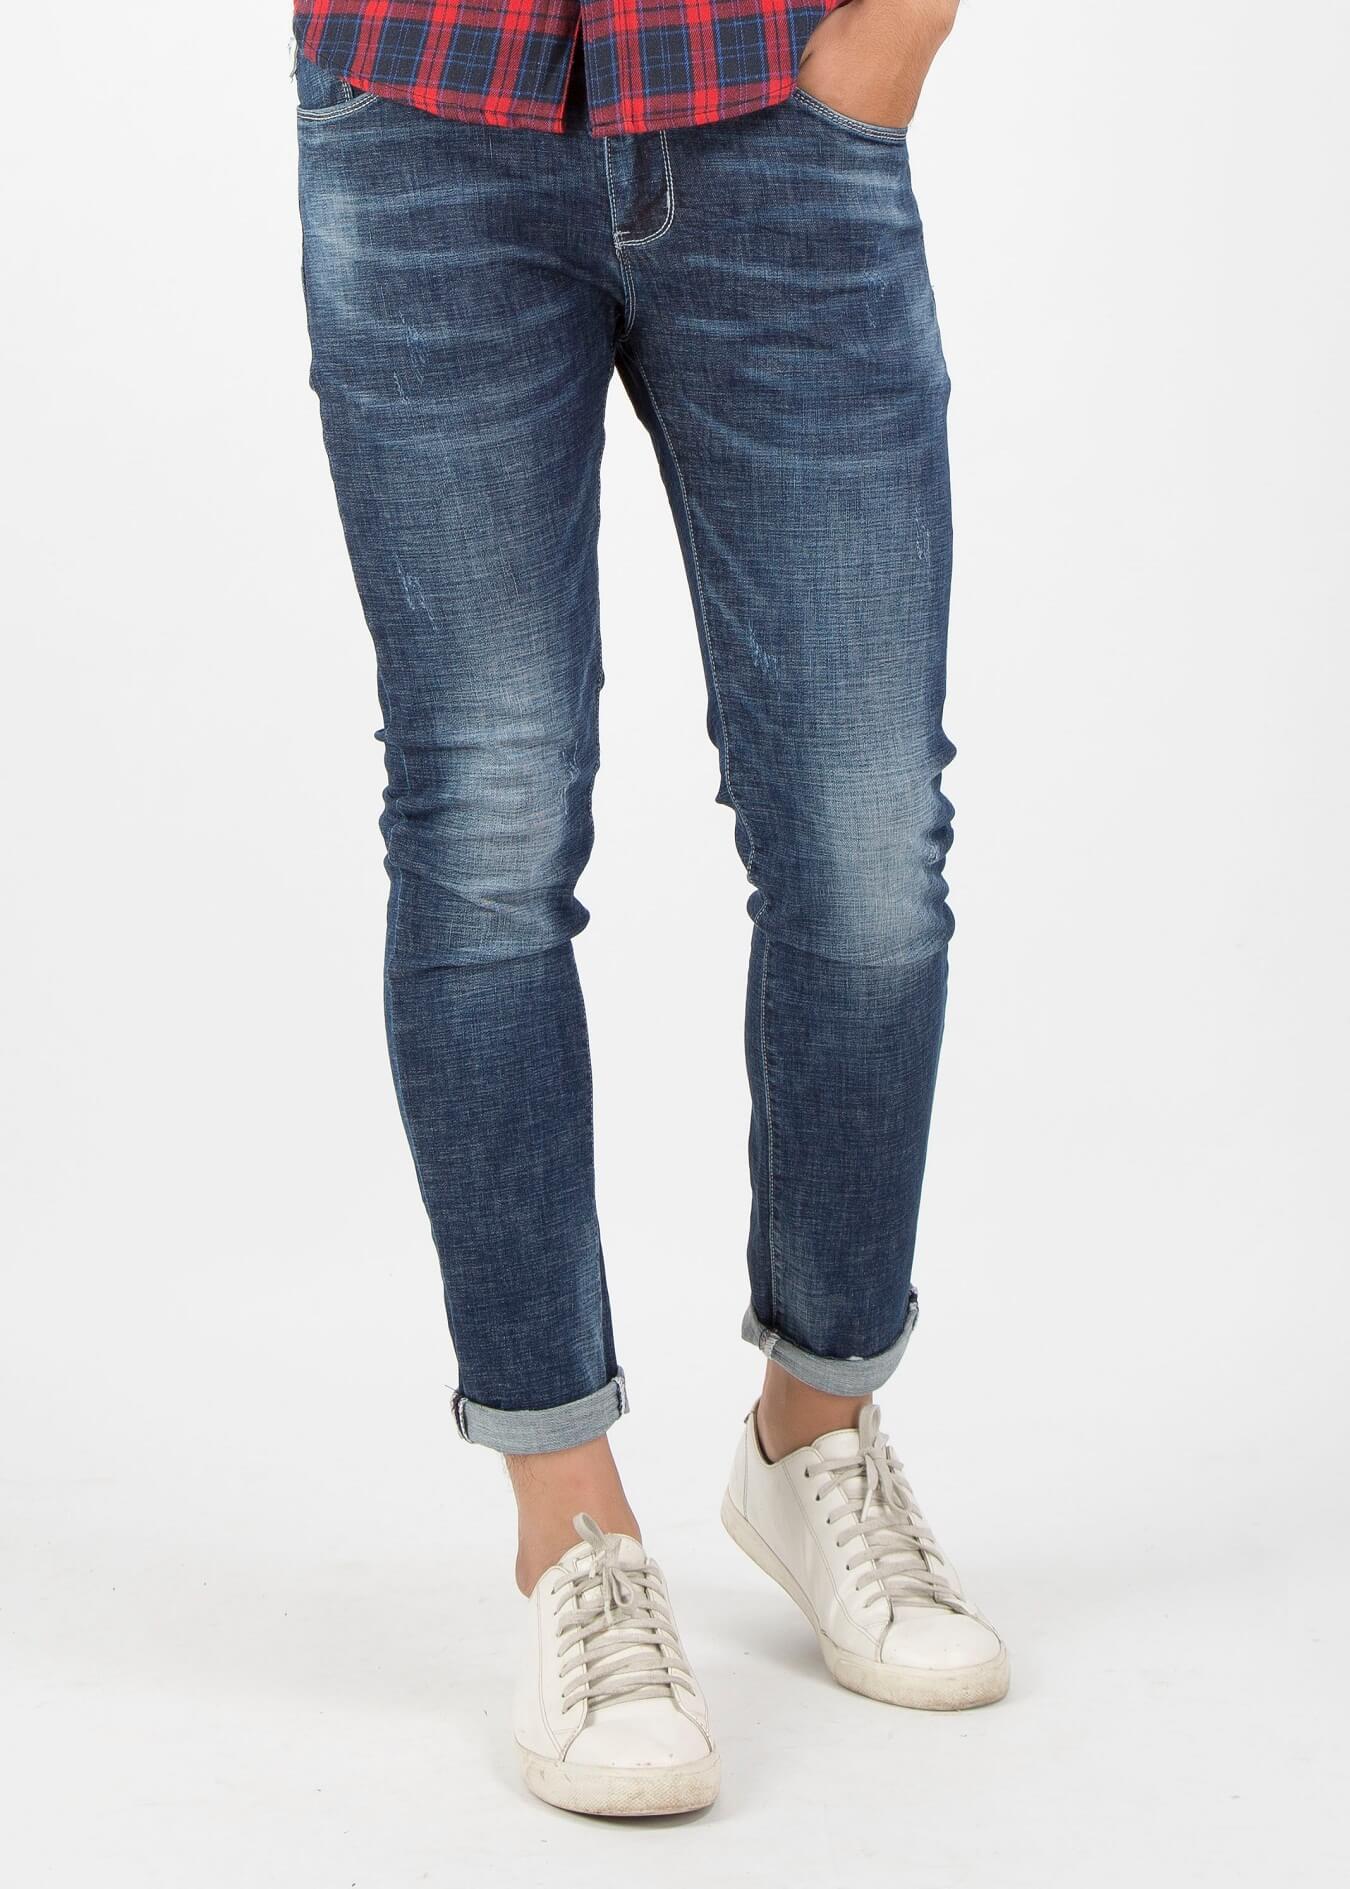 Kiểu quần blue jean lai giữa slim fit và skinny, với phần ống chân hơi bó